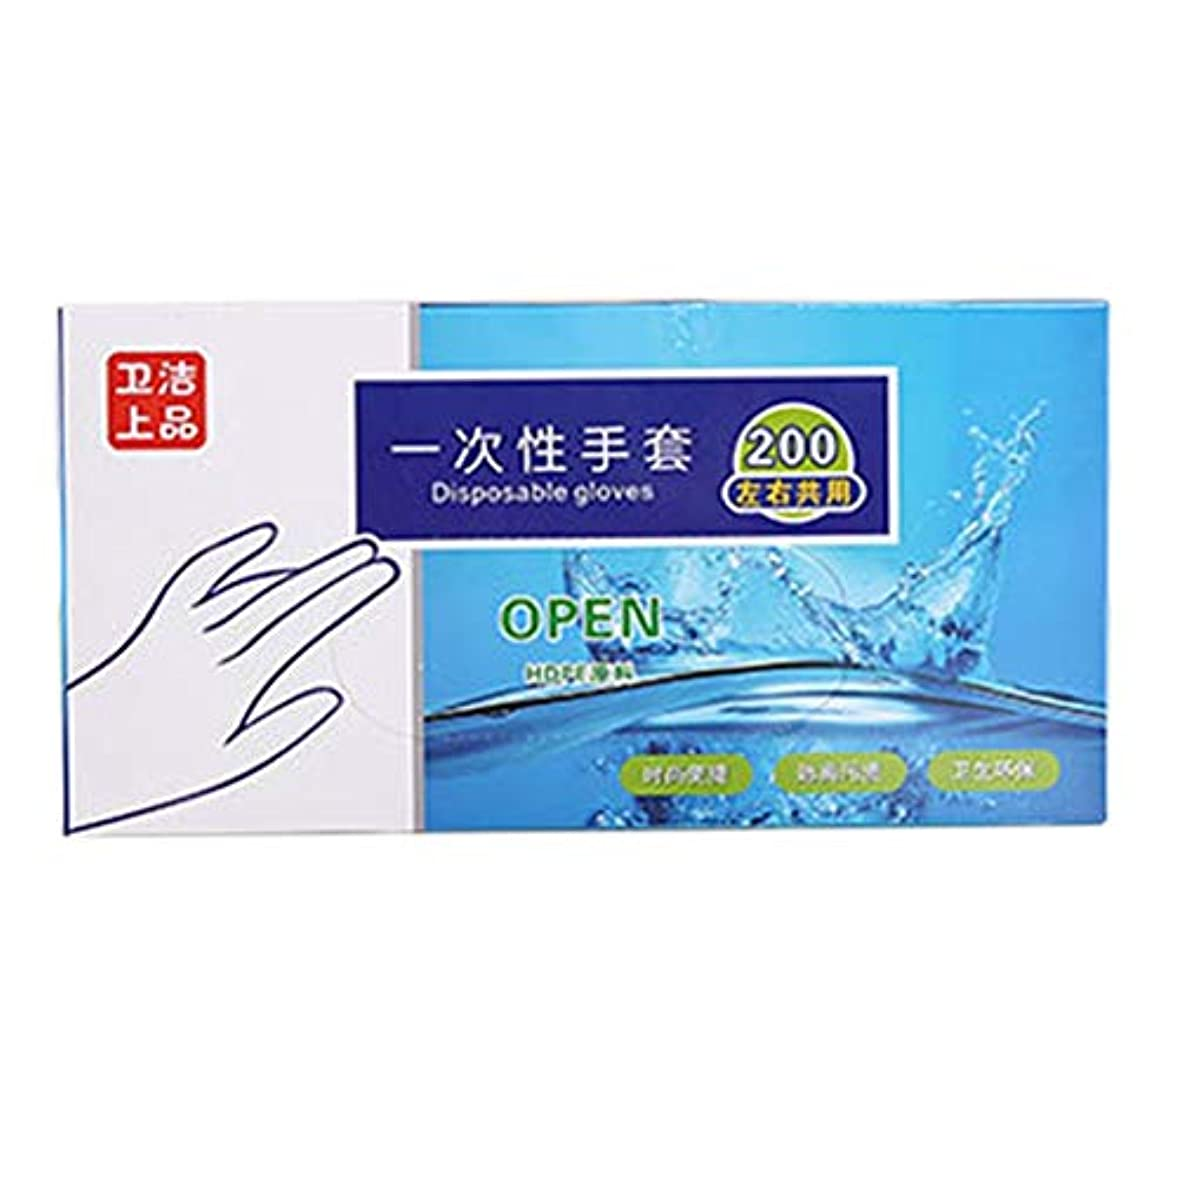 ラリー特徴知るMoresave 200枚 使い捨て手袋 使いきり手袋 キッチン 掃除用具 防水防油 透明 厚手